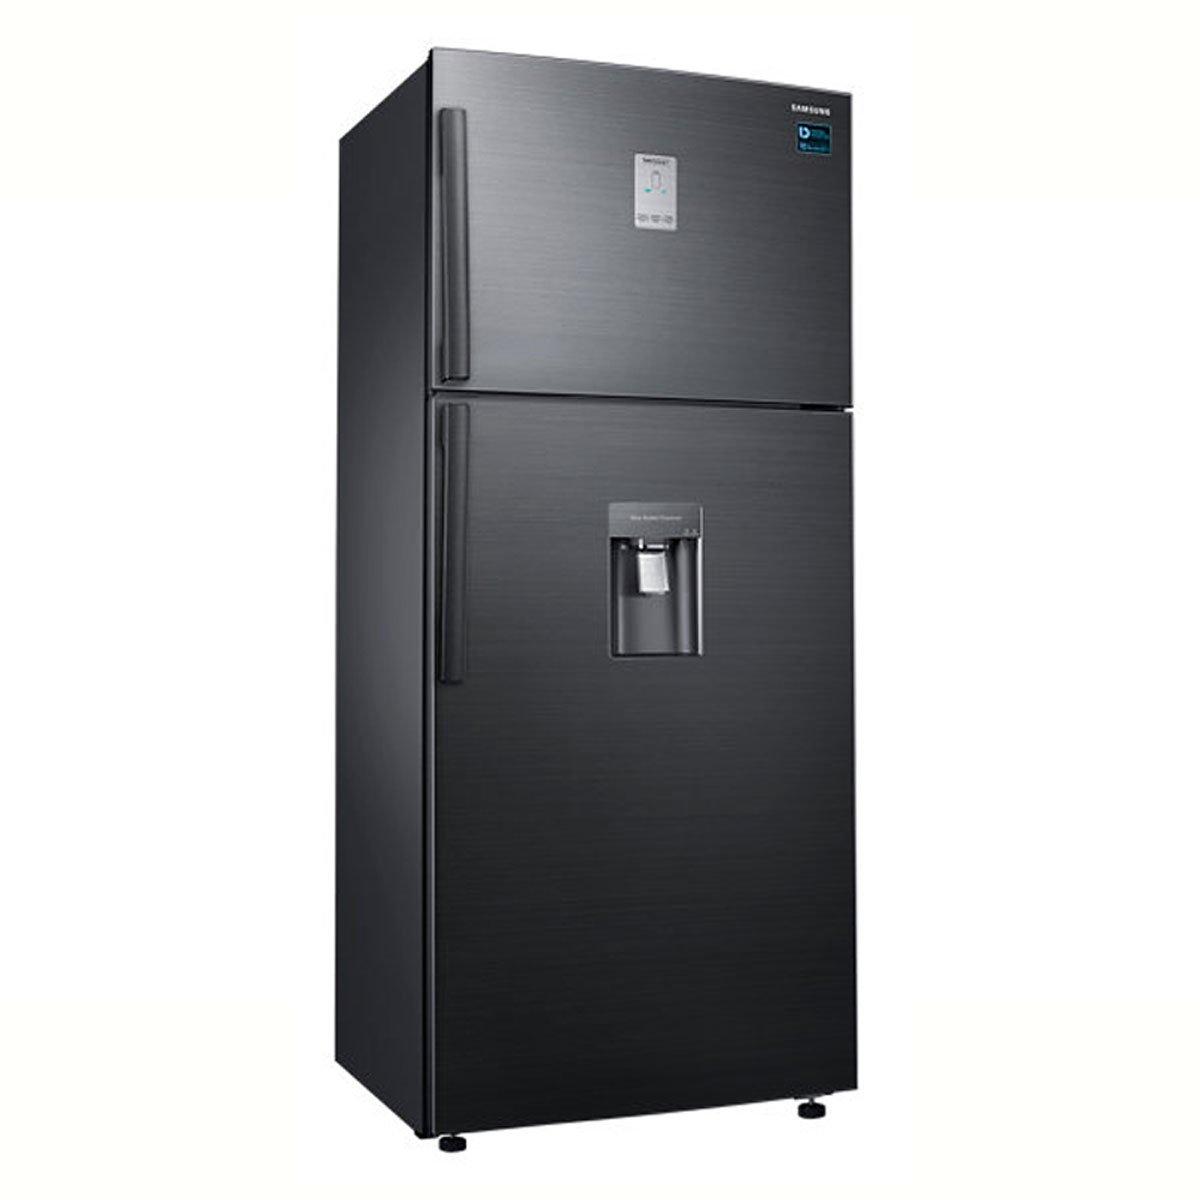 Refrigerador Samsung Top Mount 19 Pies Black Inox